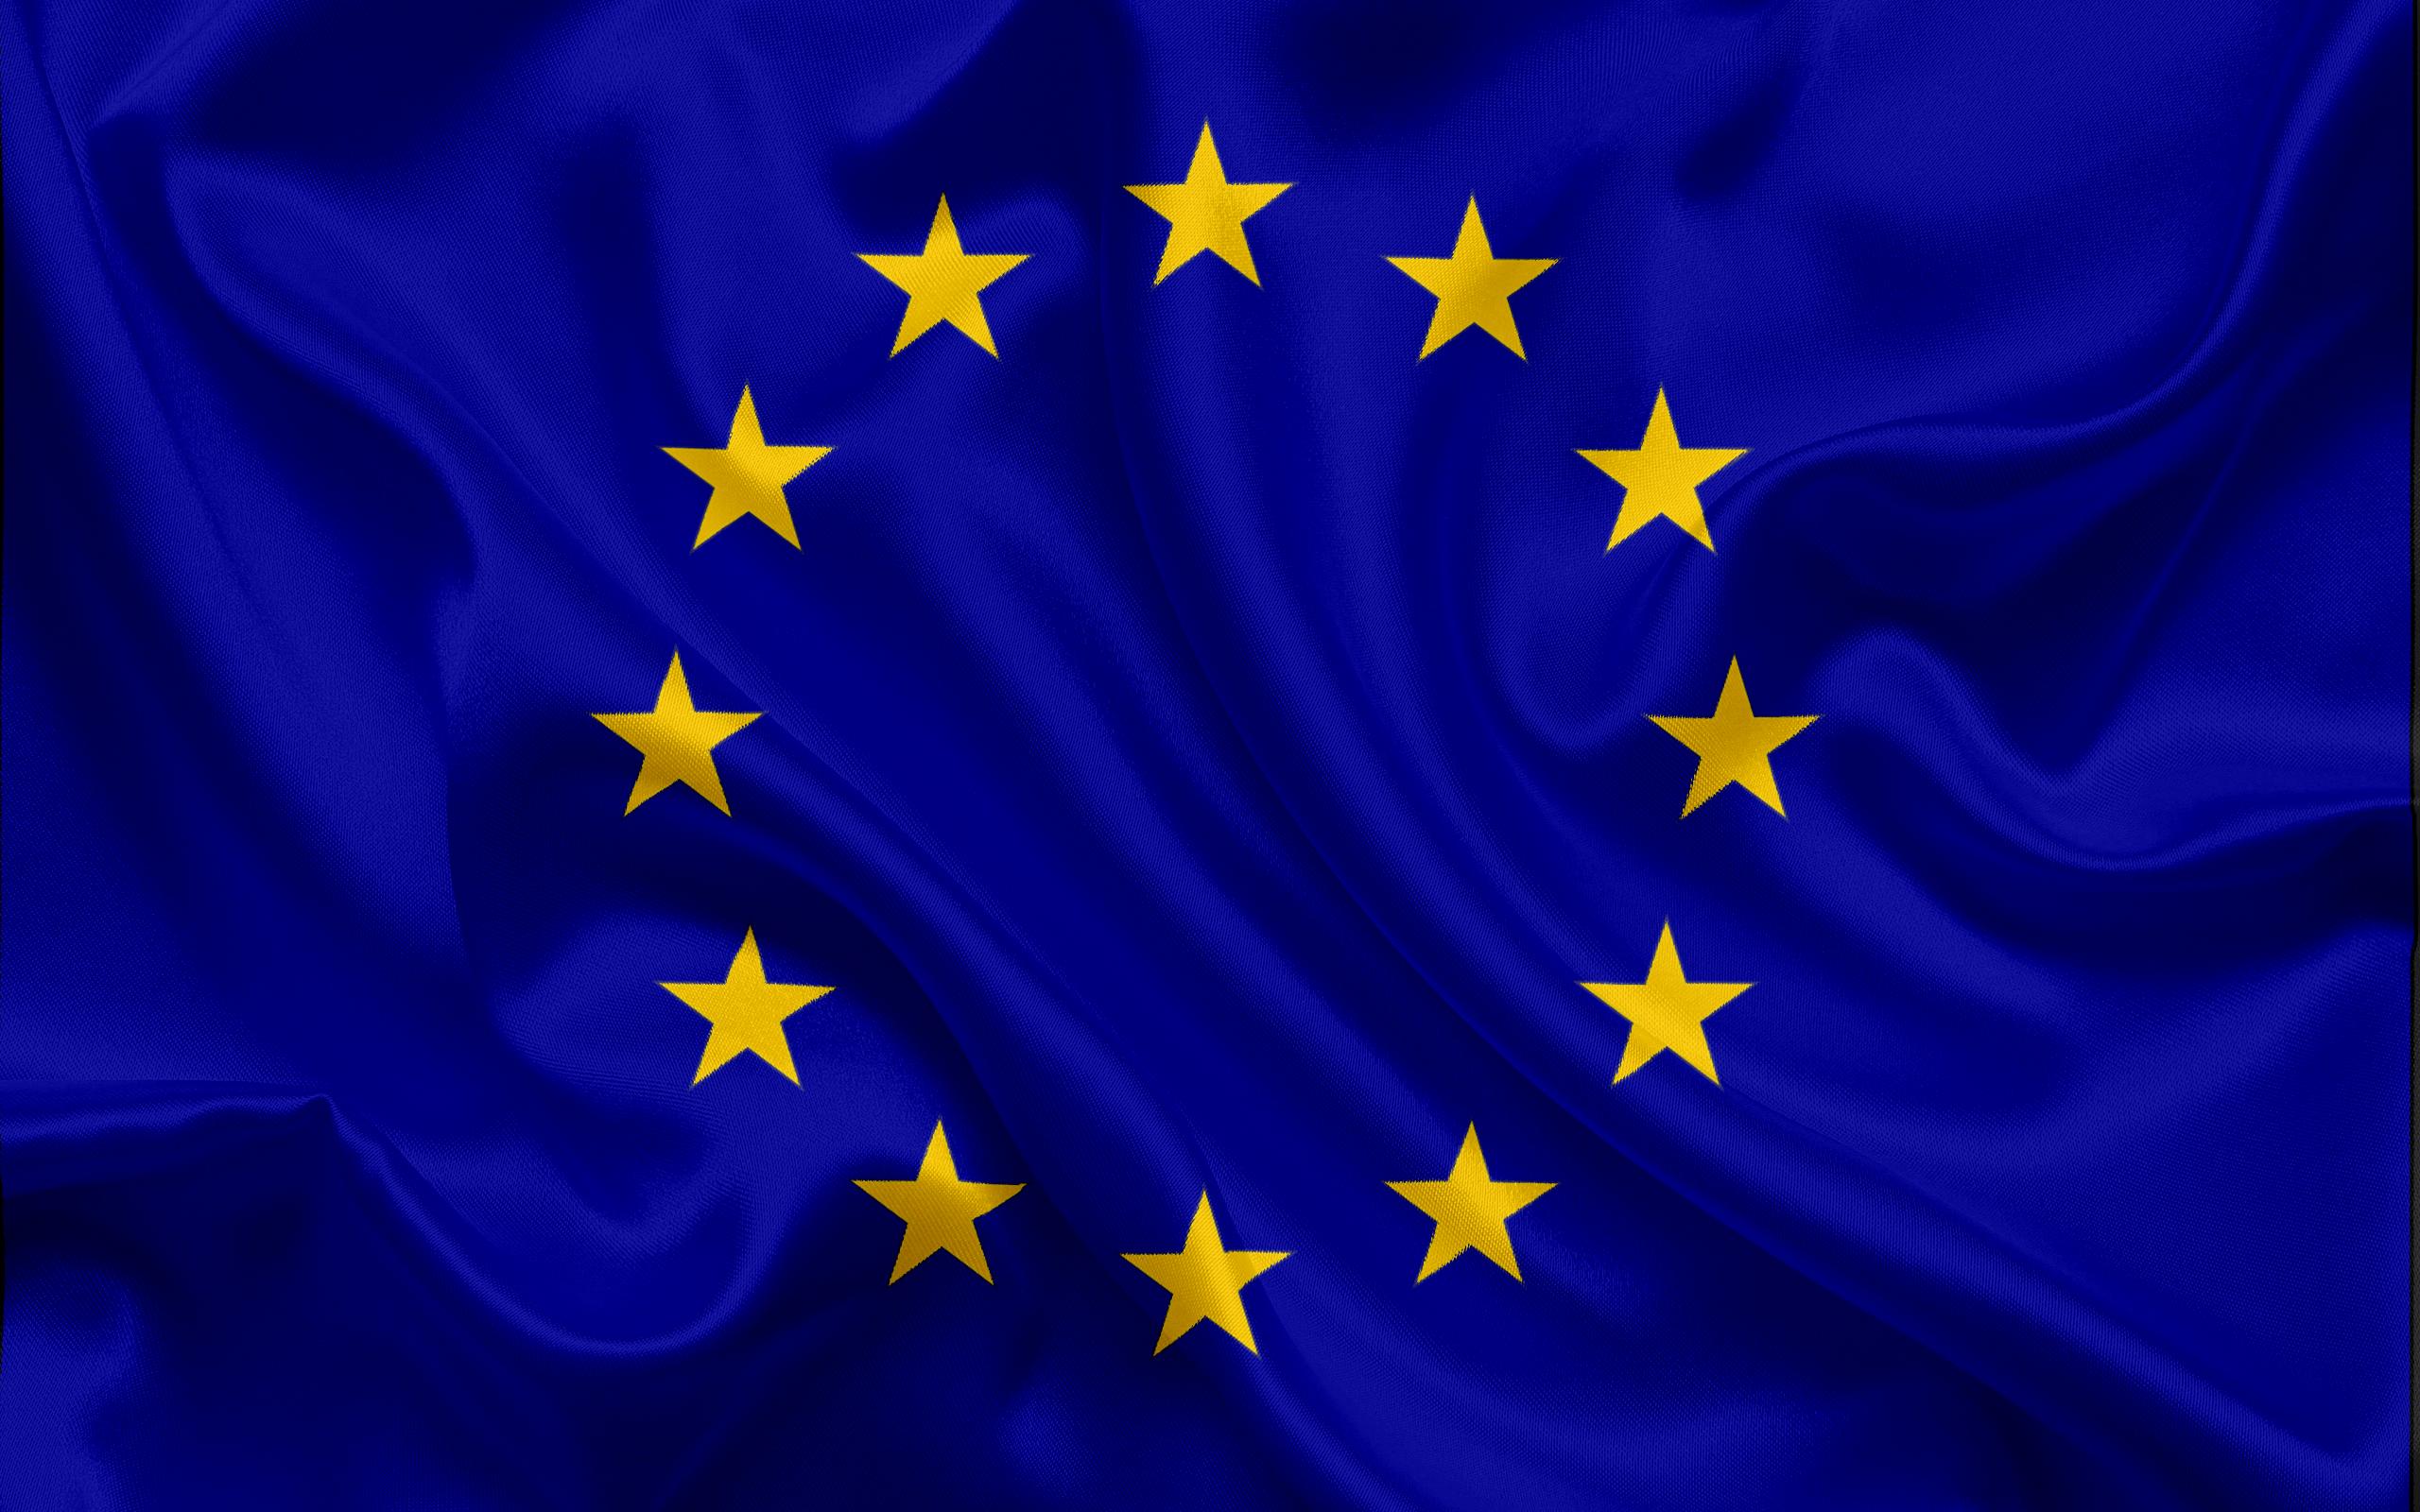 Download wallpapers flag of European Union EU Europe European 2560x1600